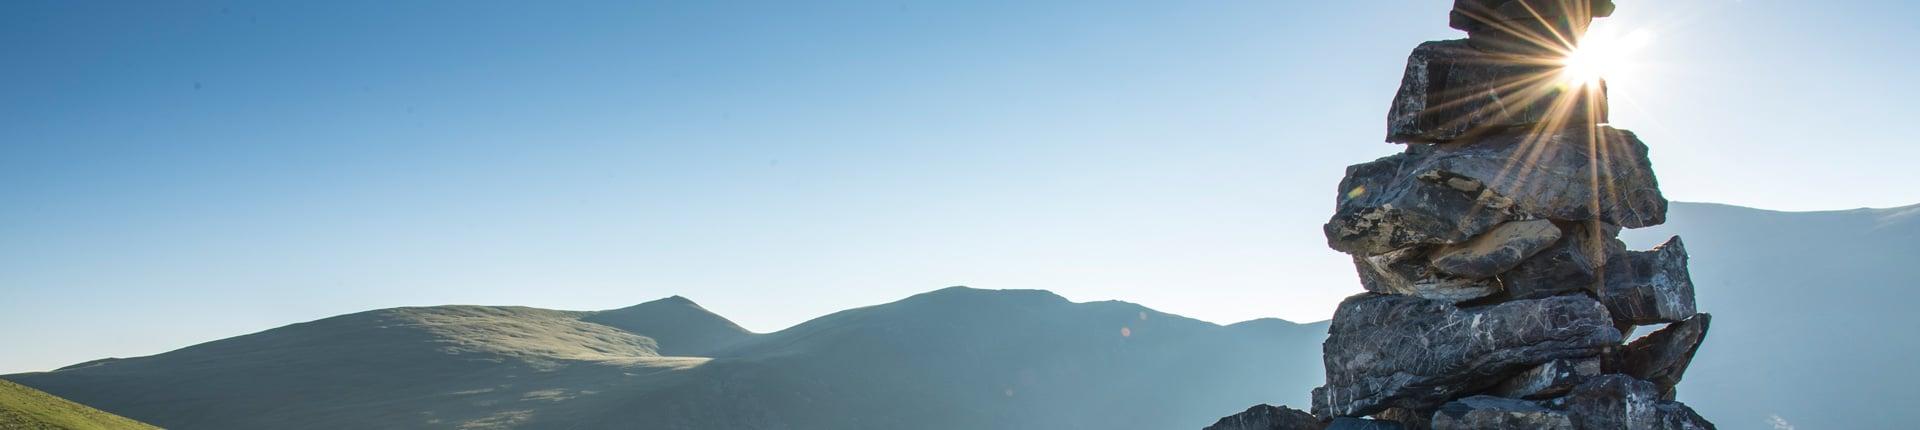 Steinmandl als Wegkennzeichnung an der Nockberge-Trail Wanderroute